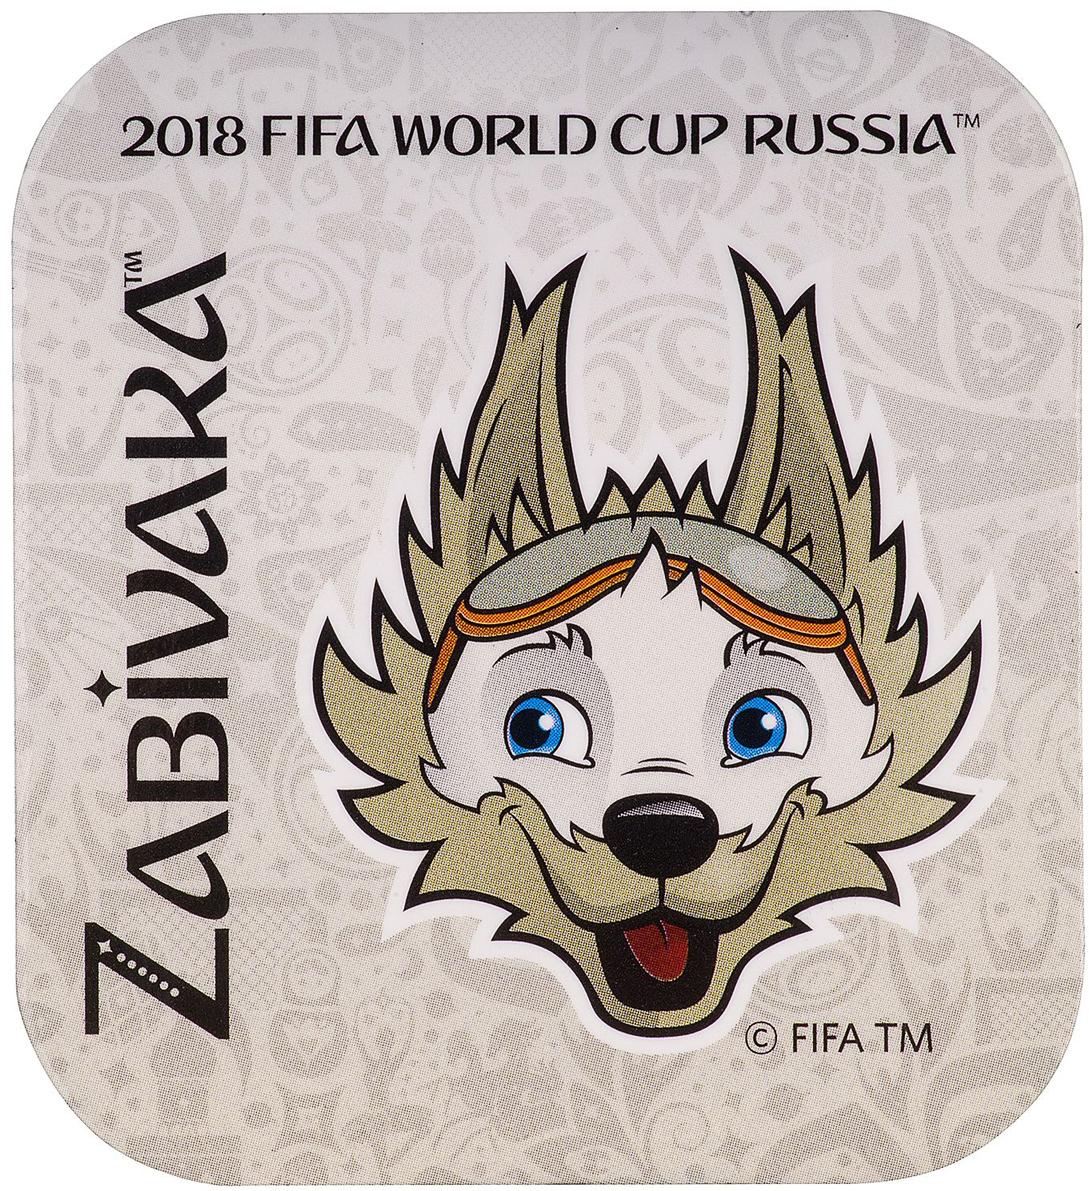 Магнит сувенирный FIFA 2018 Забивака Удар! Триколор, 8 х 11 см. СН532 магнит fifa 2018 забивака фристайл полистоун сн026